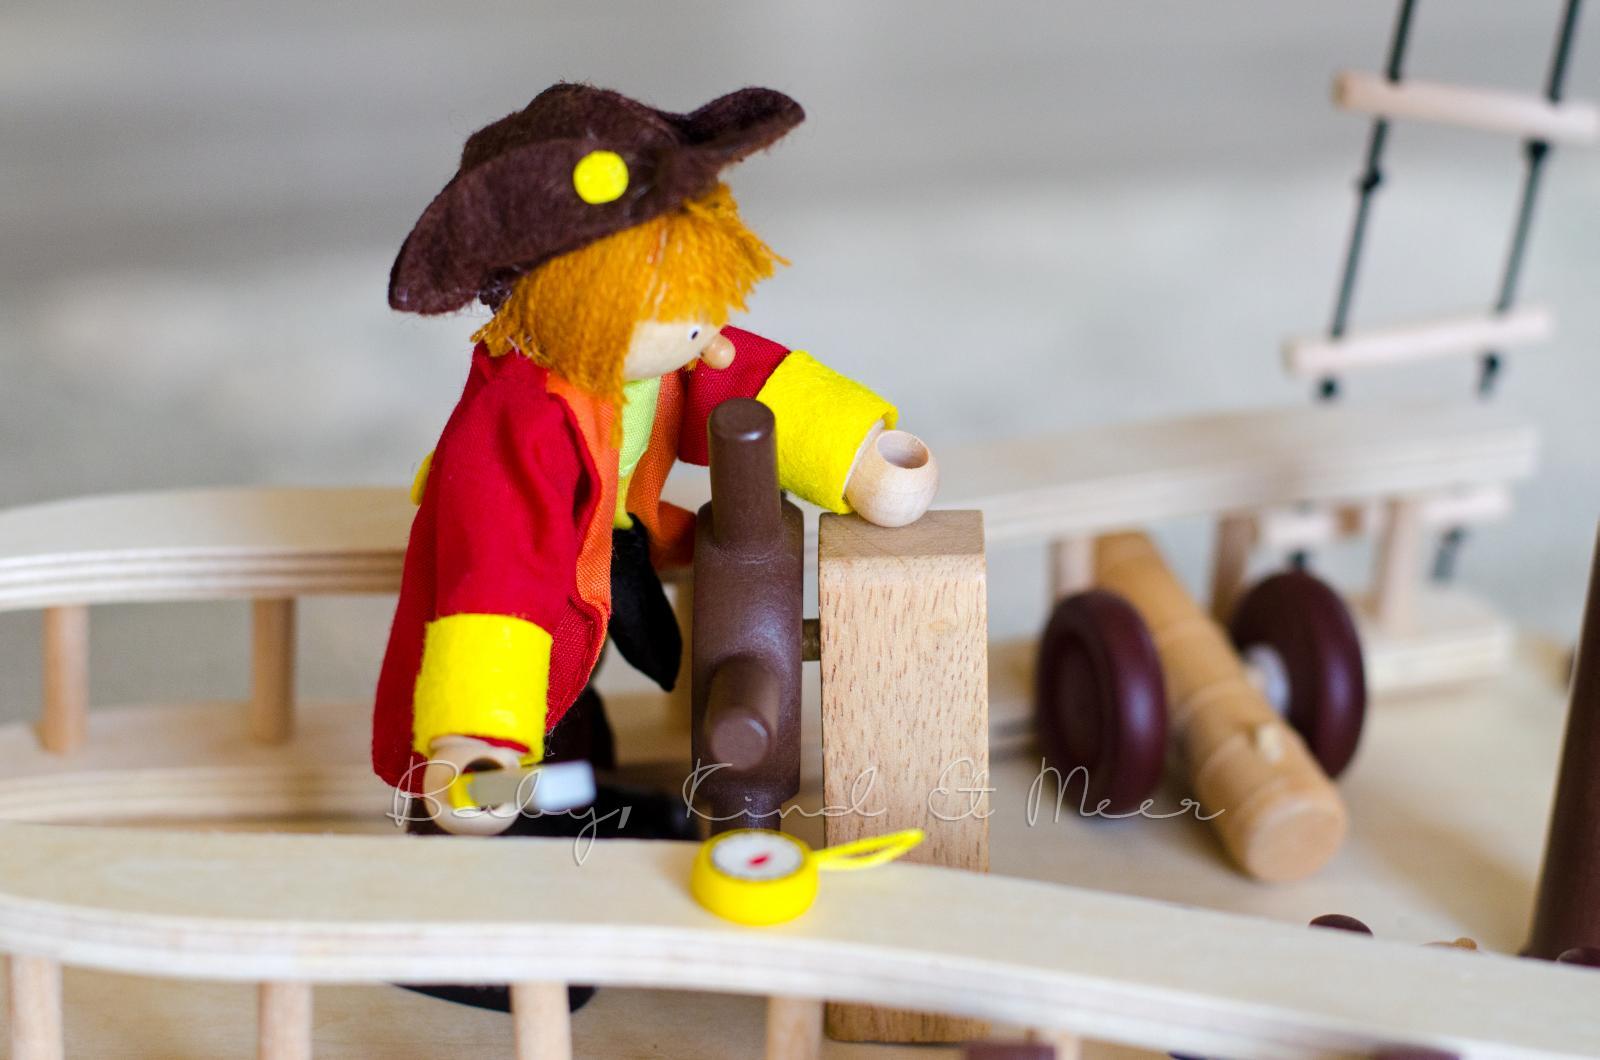 FÜR KLEINE KINDERZIMMER-PIRATEN - Spielzeug - Baby, Kind und Meer